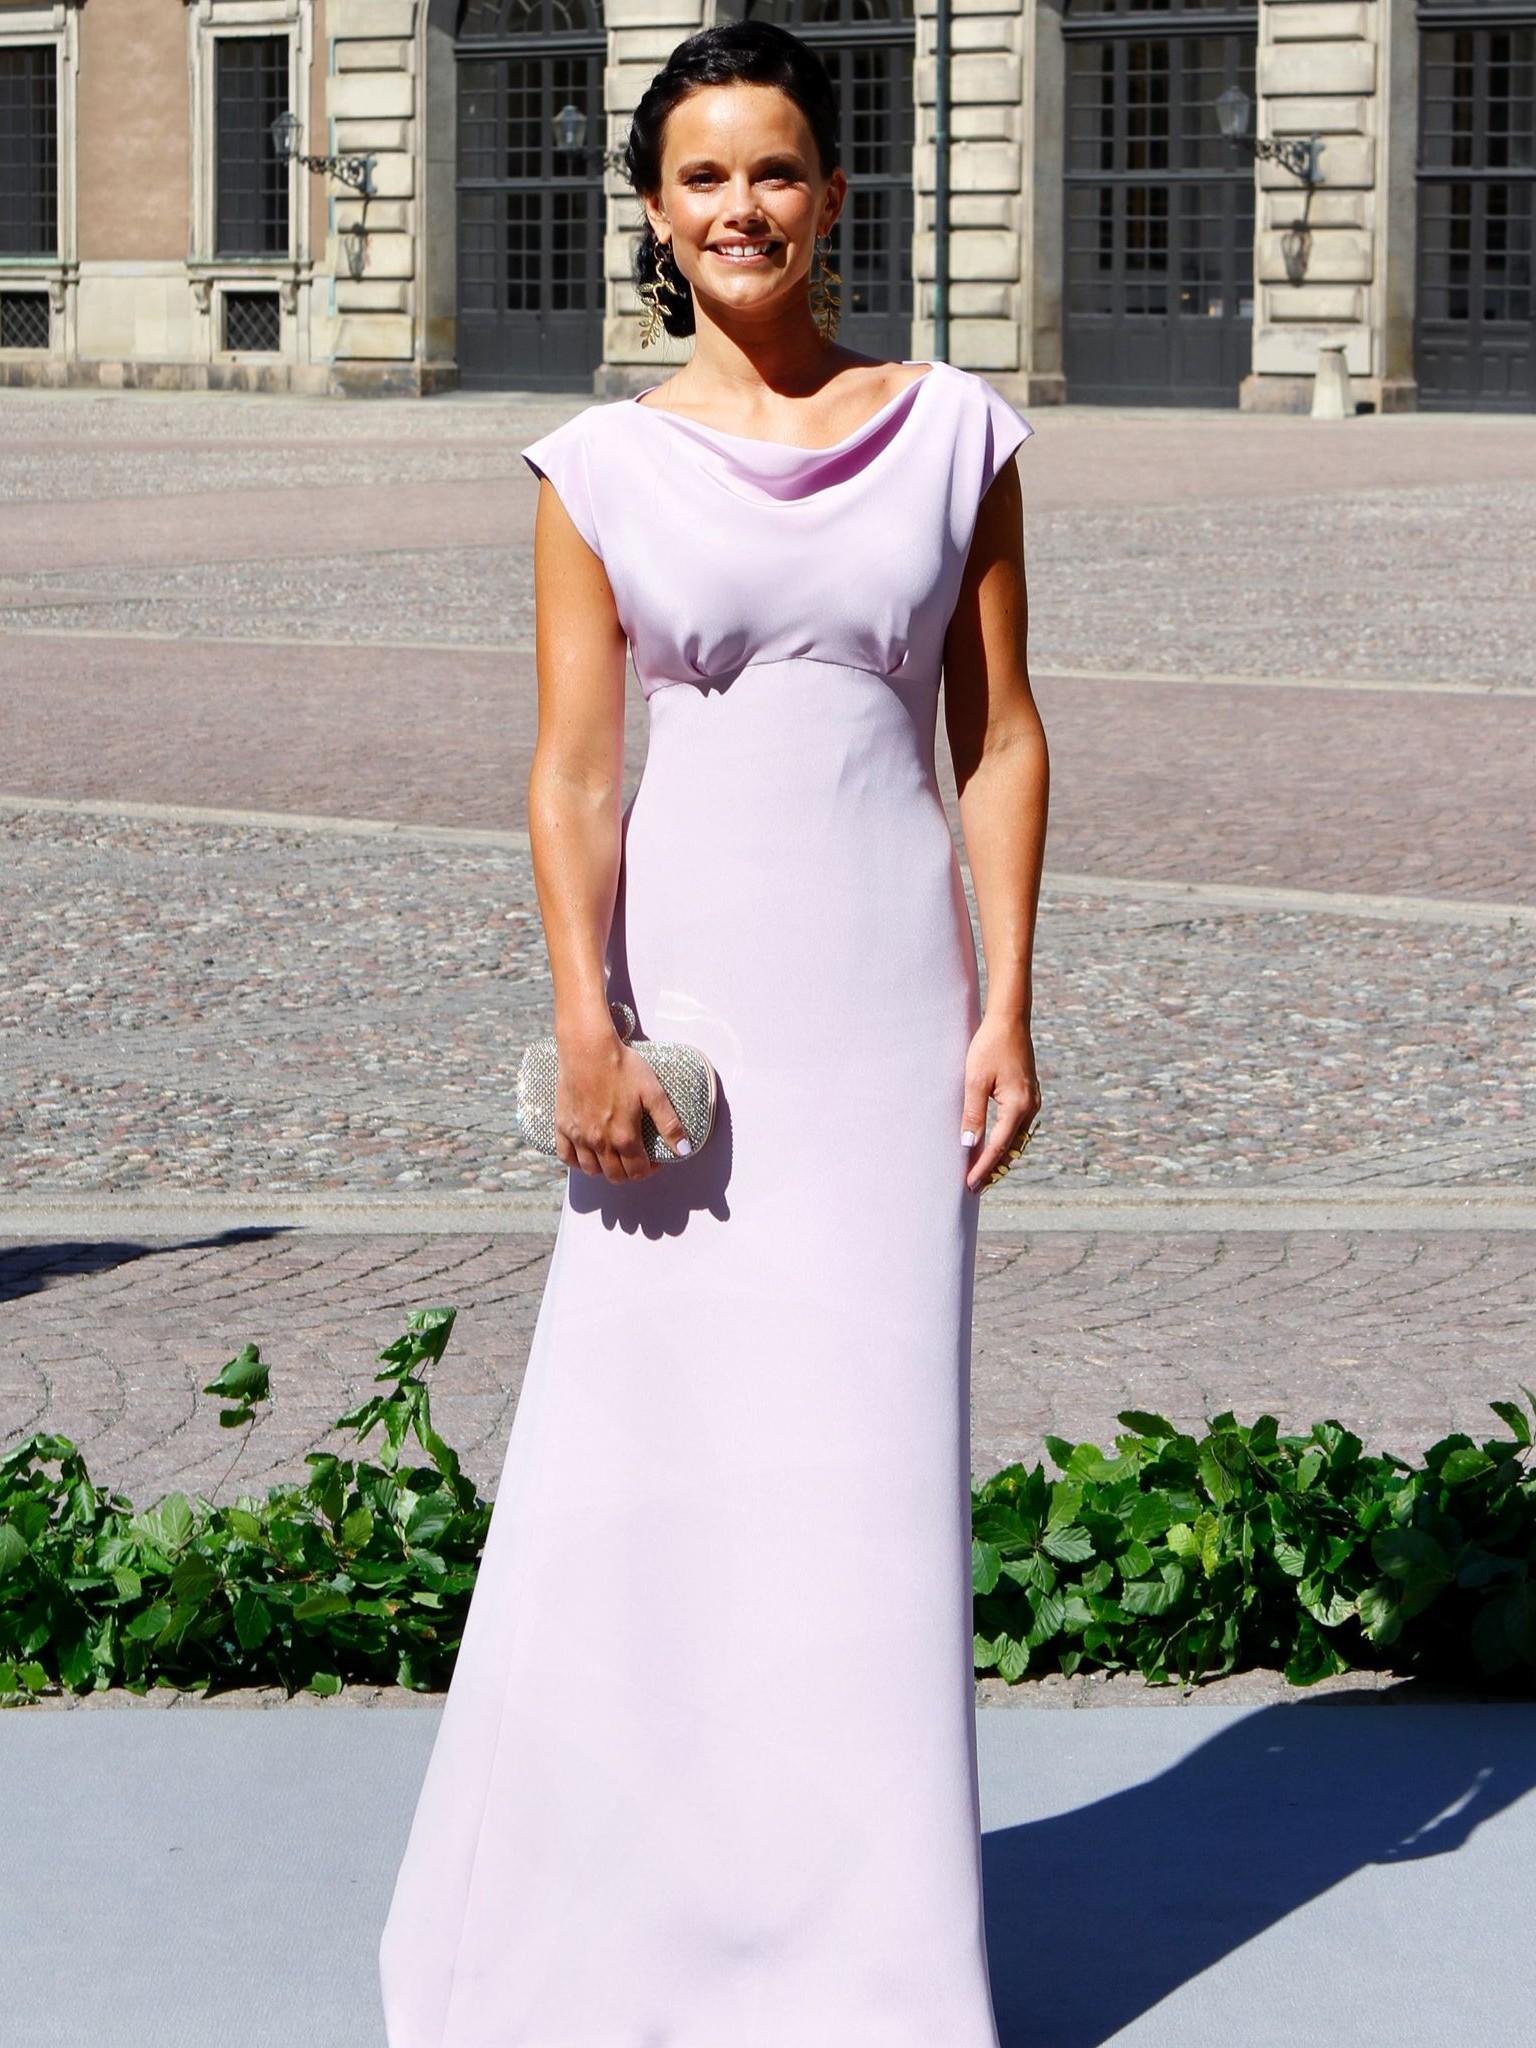 Rotes kleid als hochzeitsgast in schweden